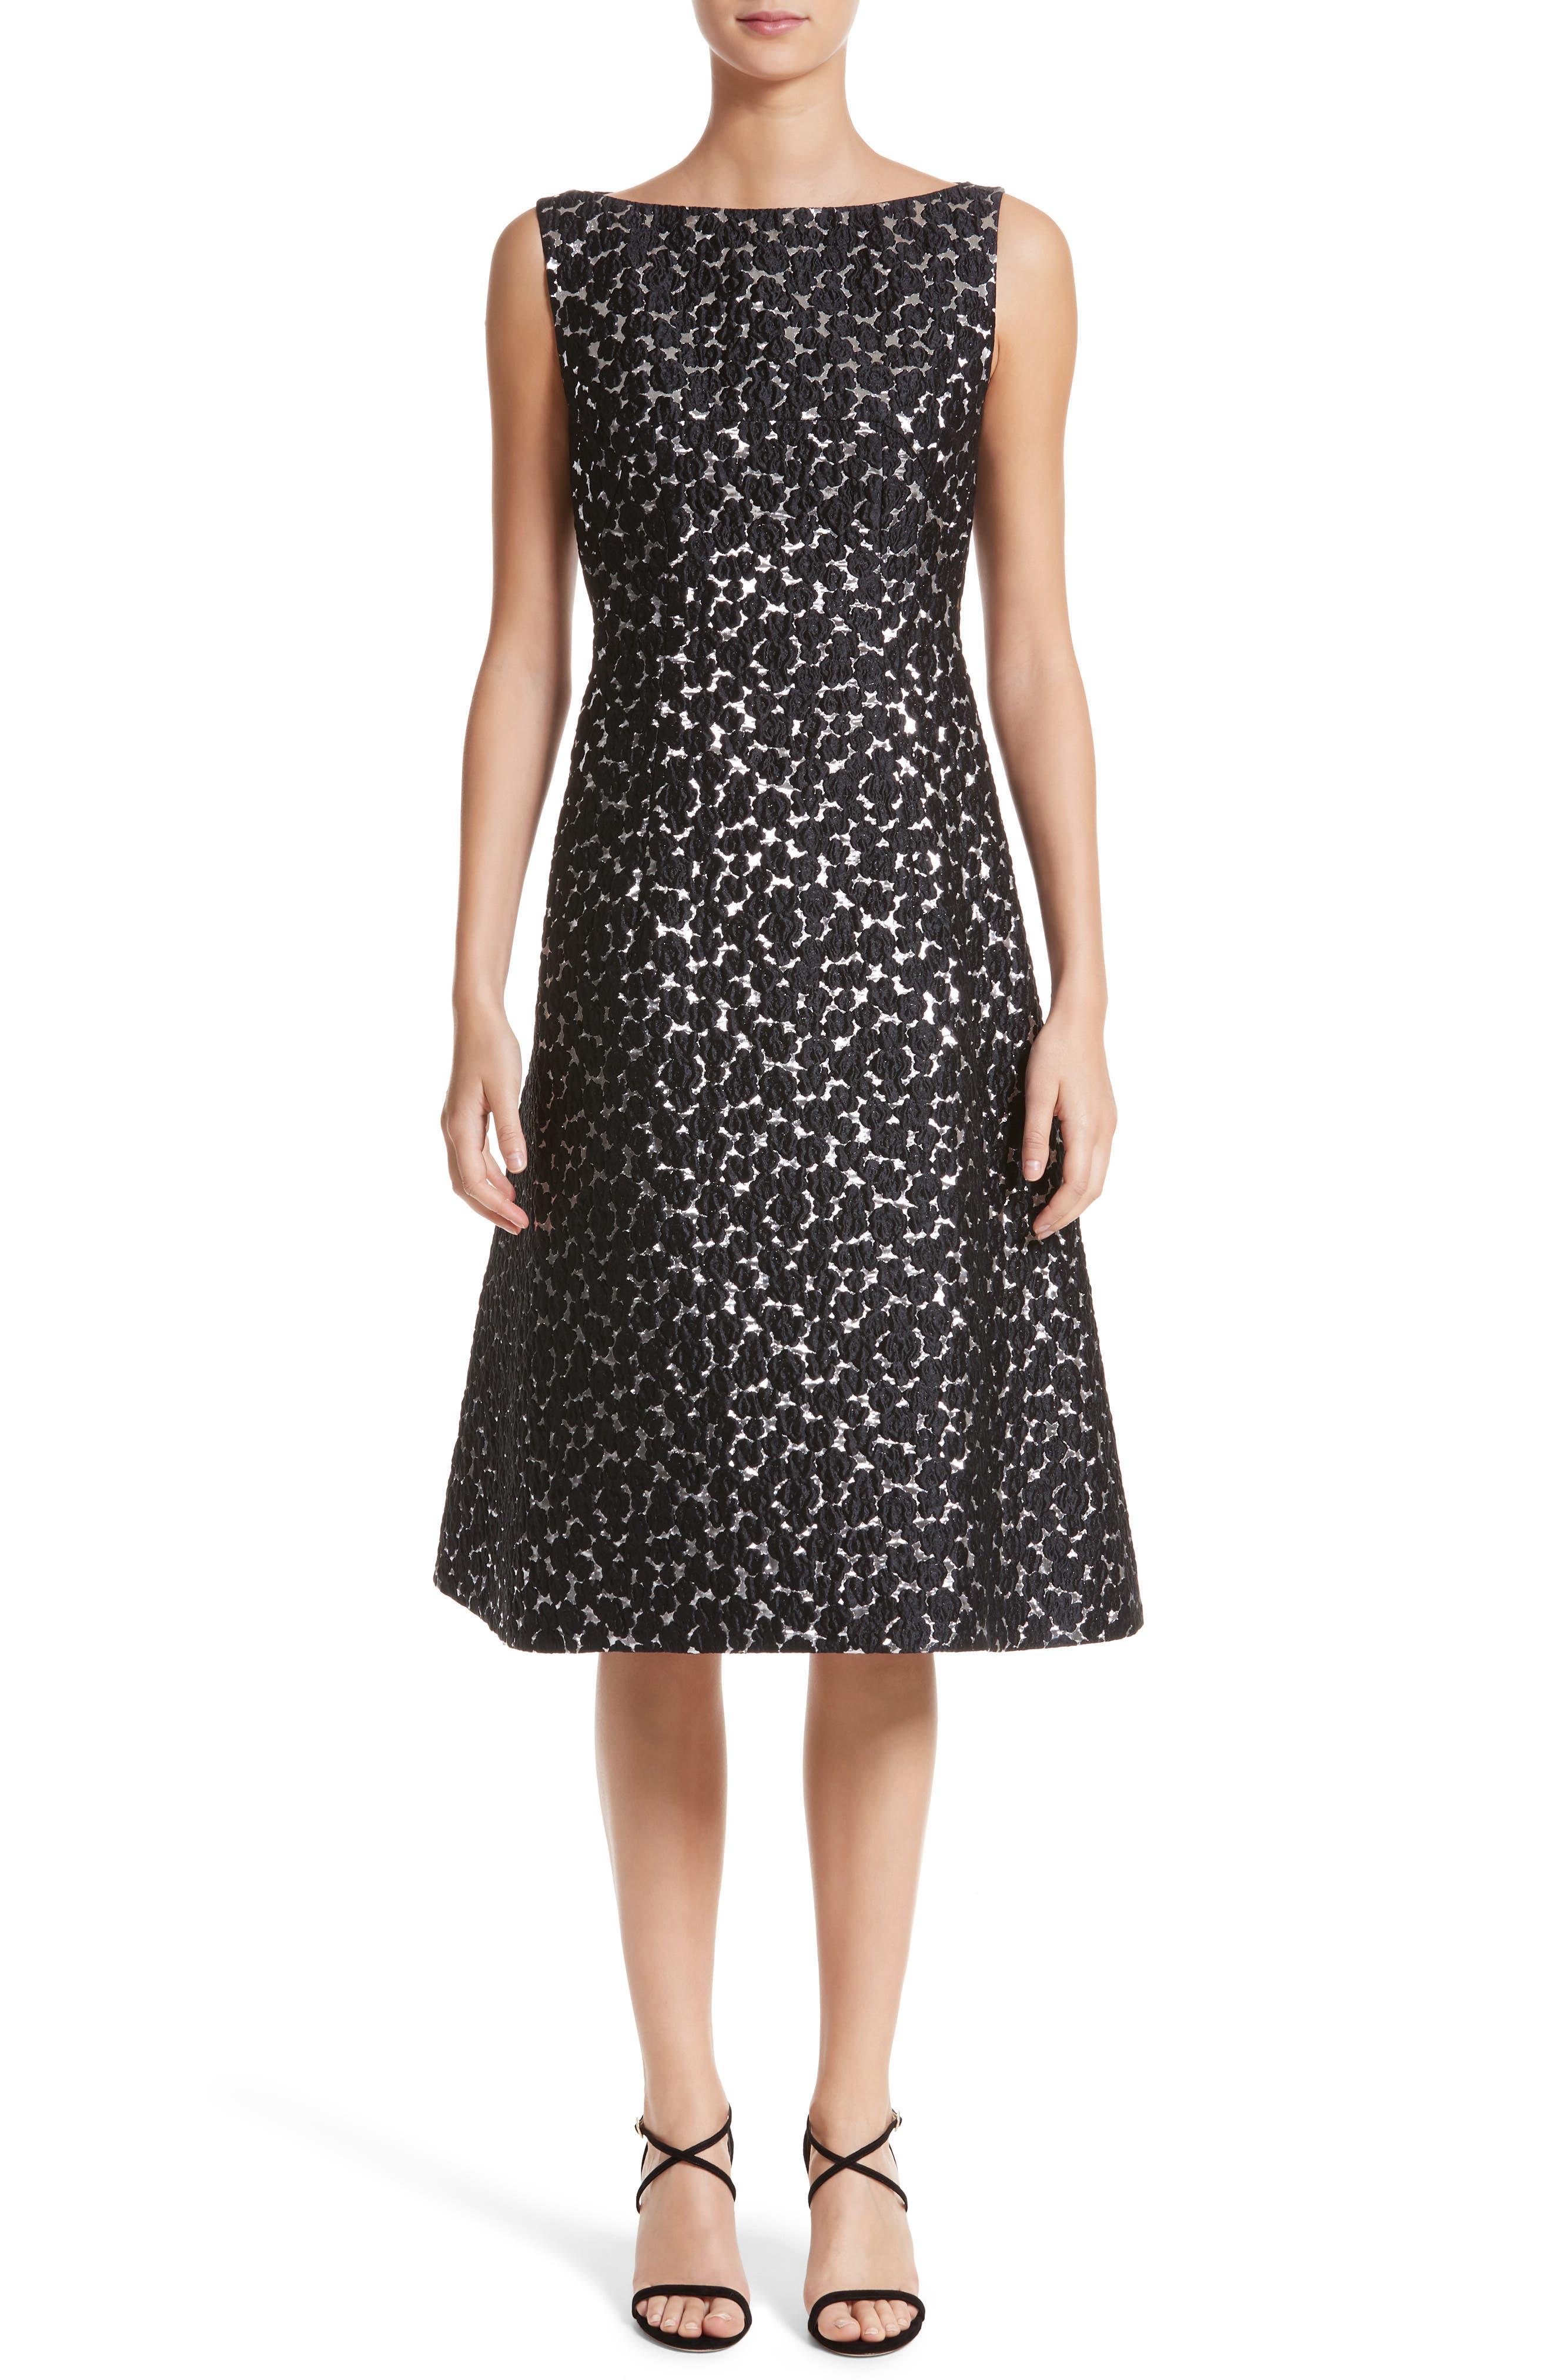 Floral Matelassé A-Line Dress,                             Main thumbnail 1, color,                             Black / Silver